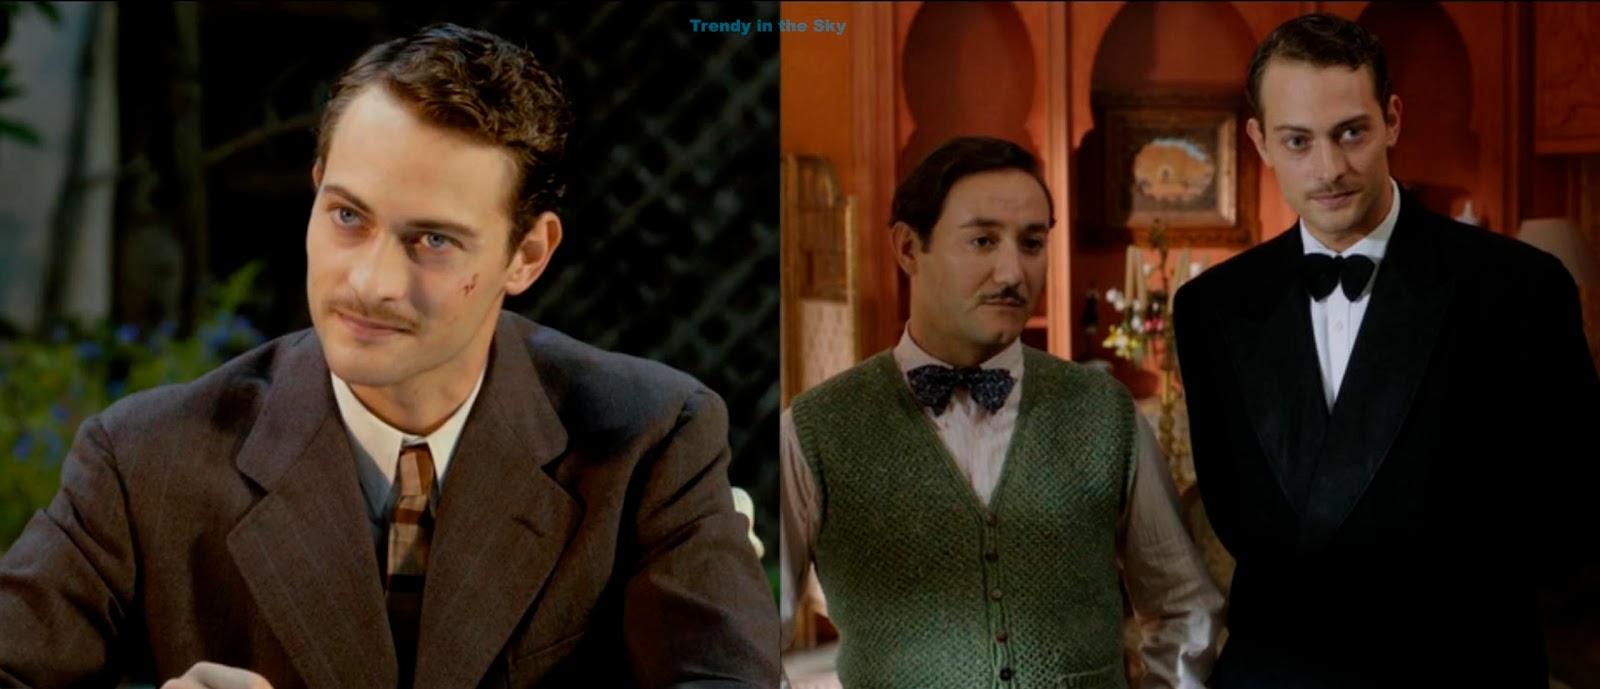 Marcus Logan traje sastre de lana marrón con raya diplomática y ...